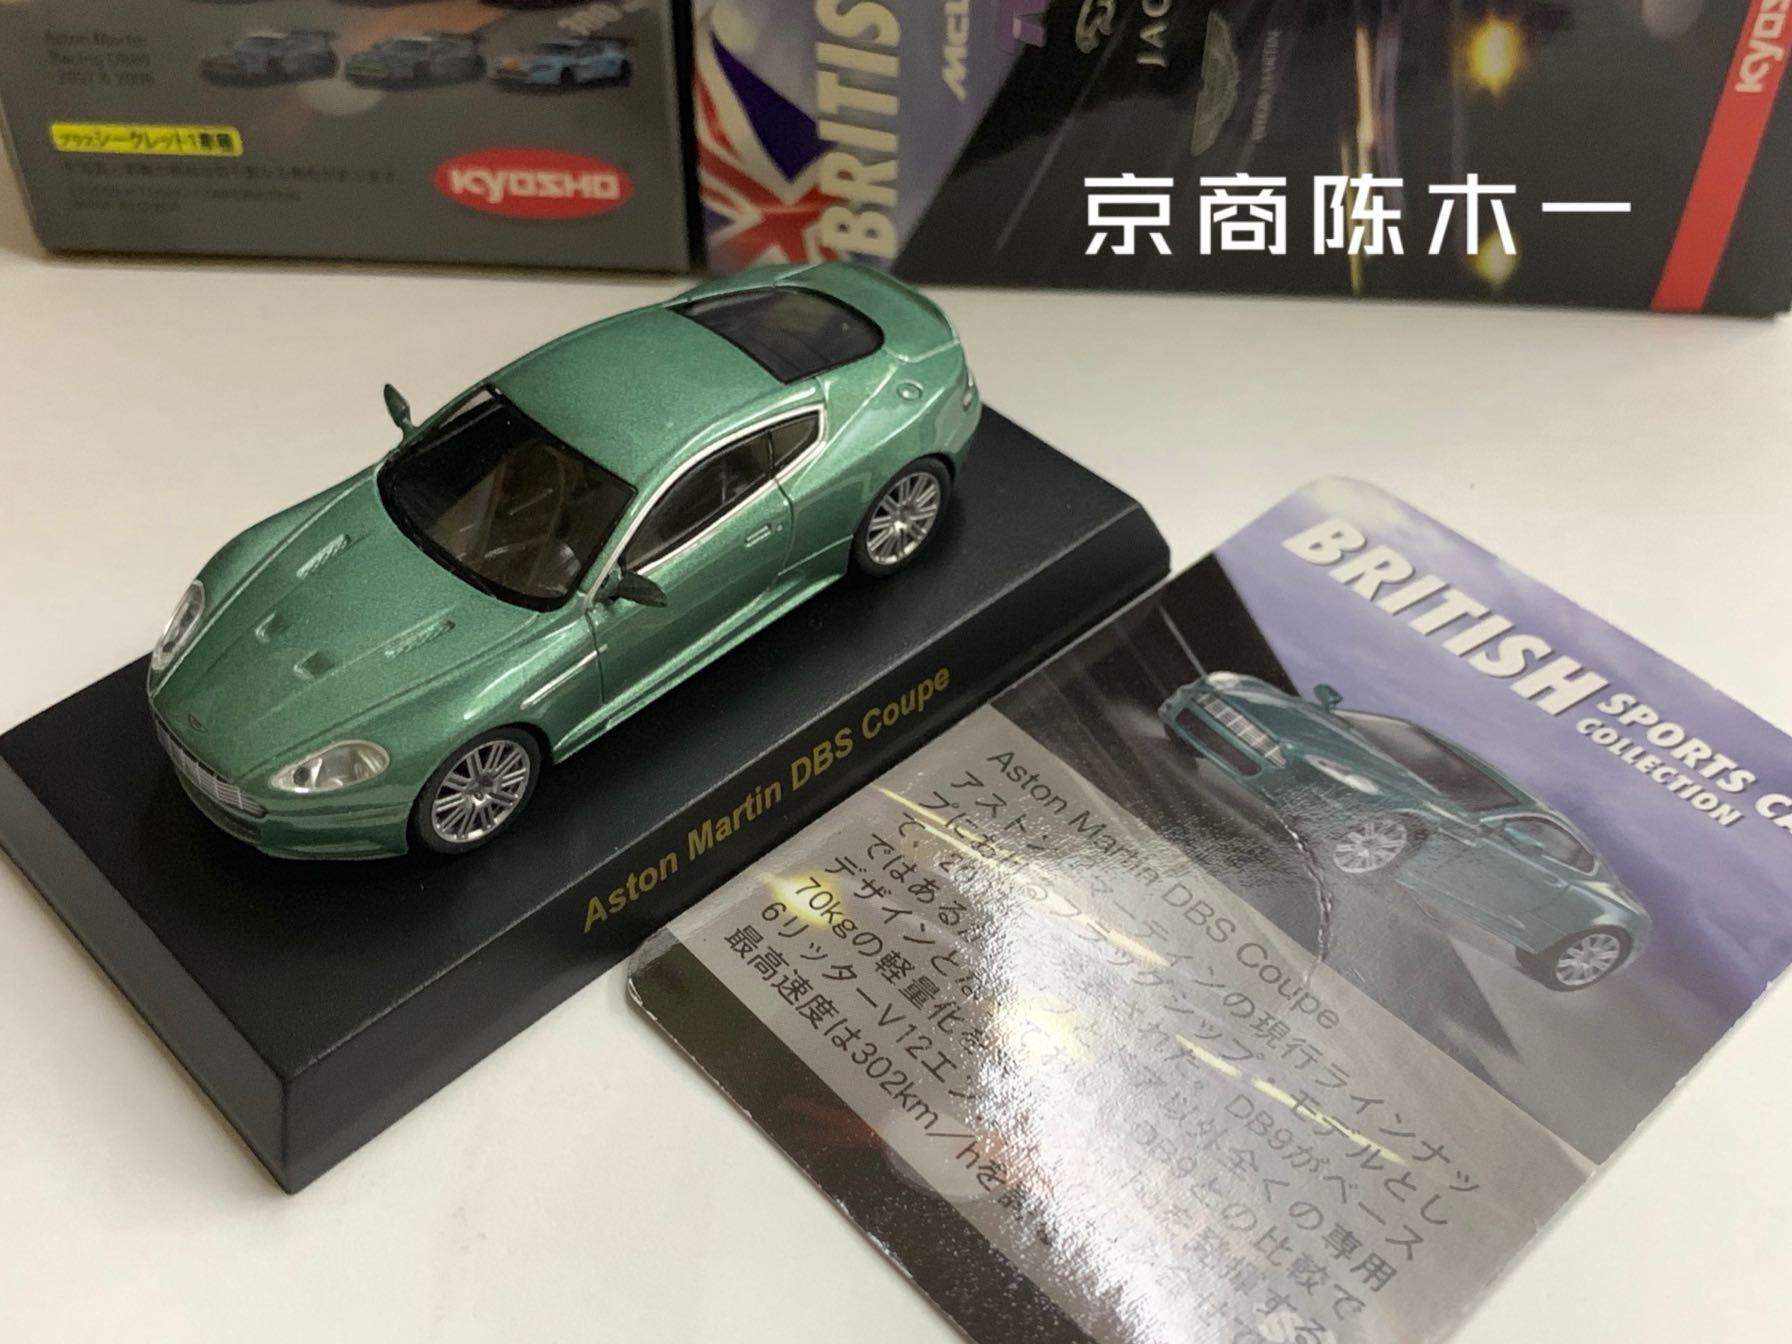 Kit de carro esportivo fibra de alumínio,